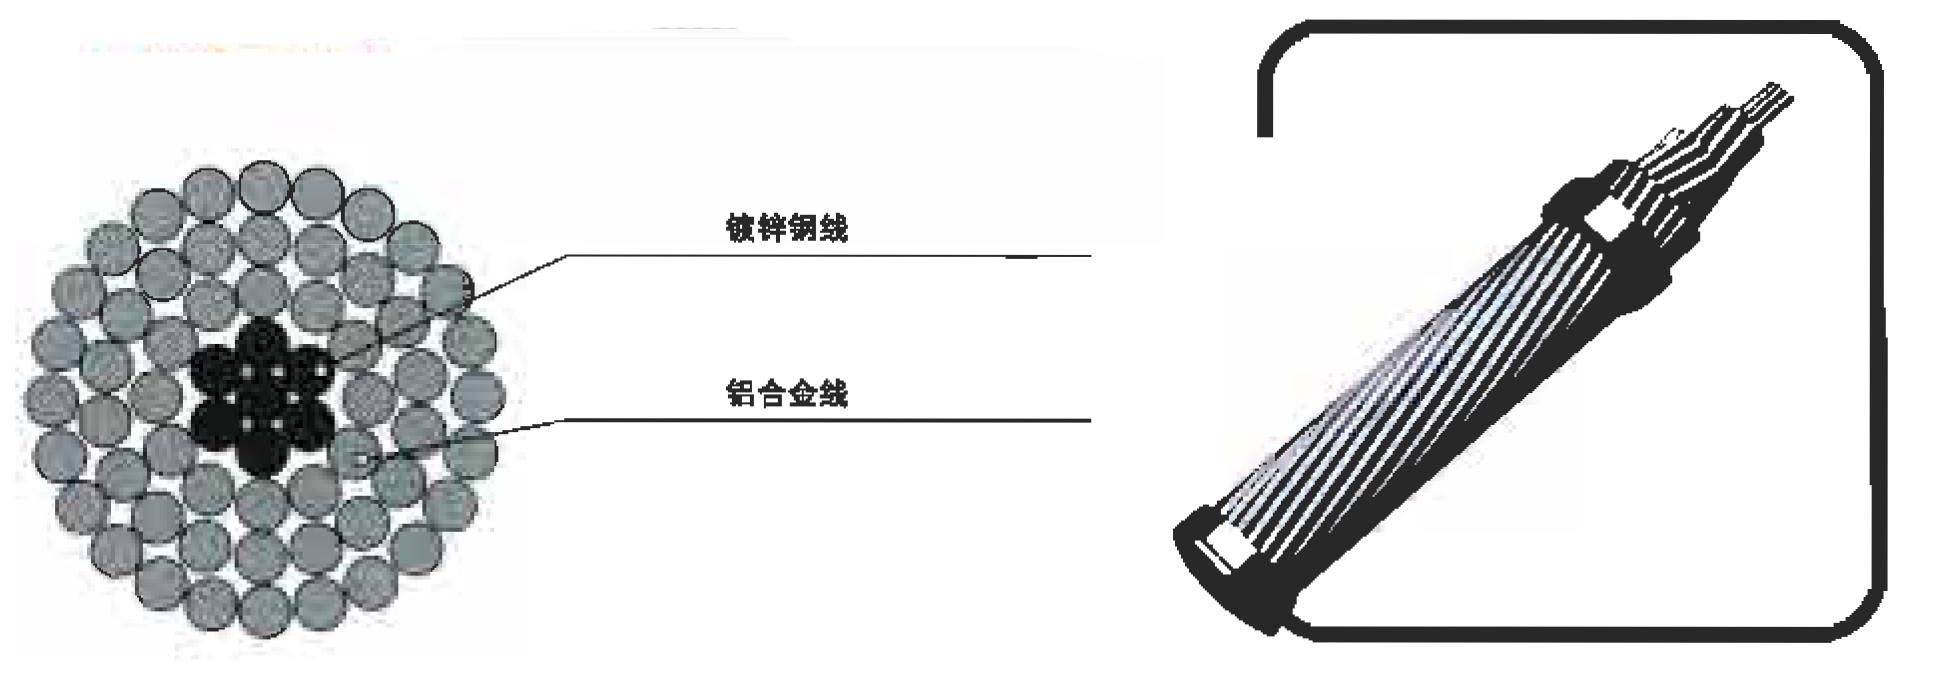 铝合鑫绞线、钢芯铝合金绞线